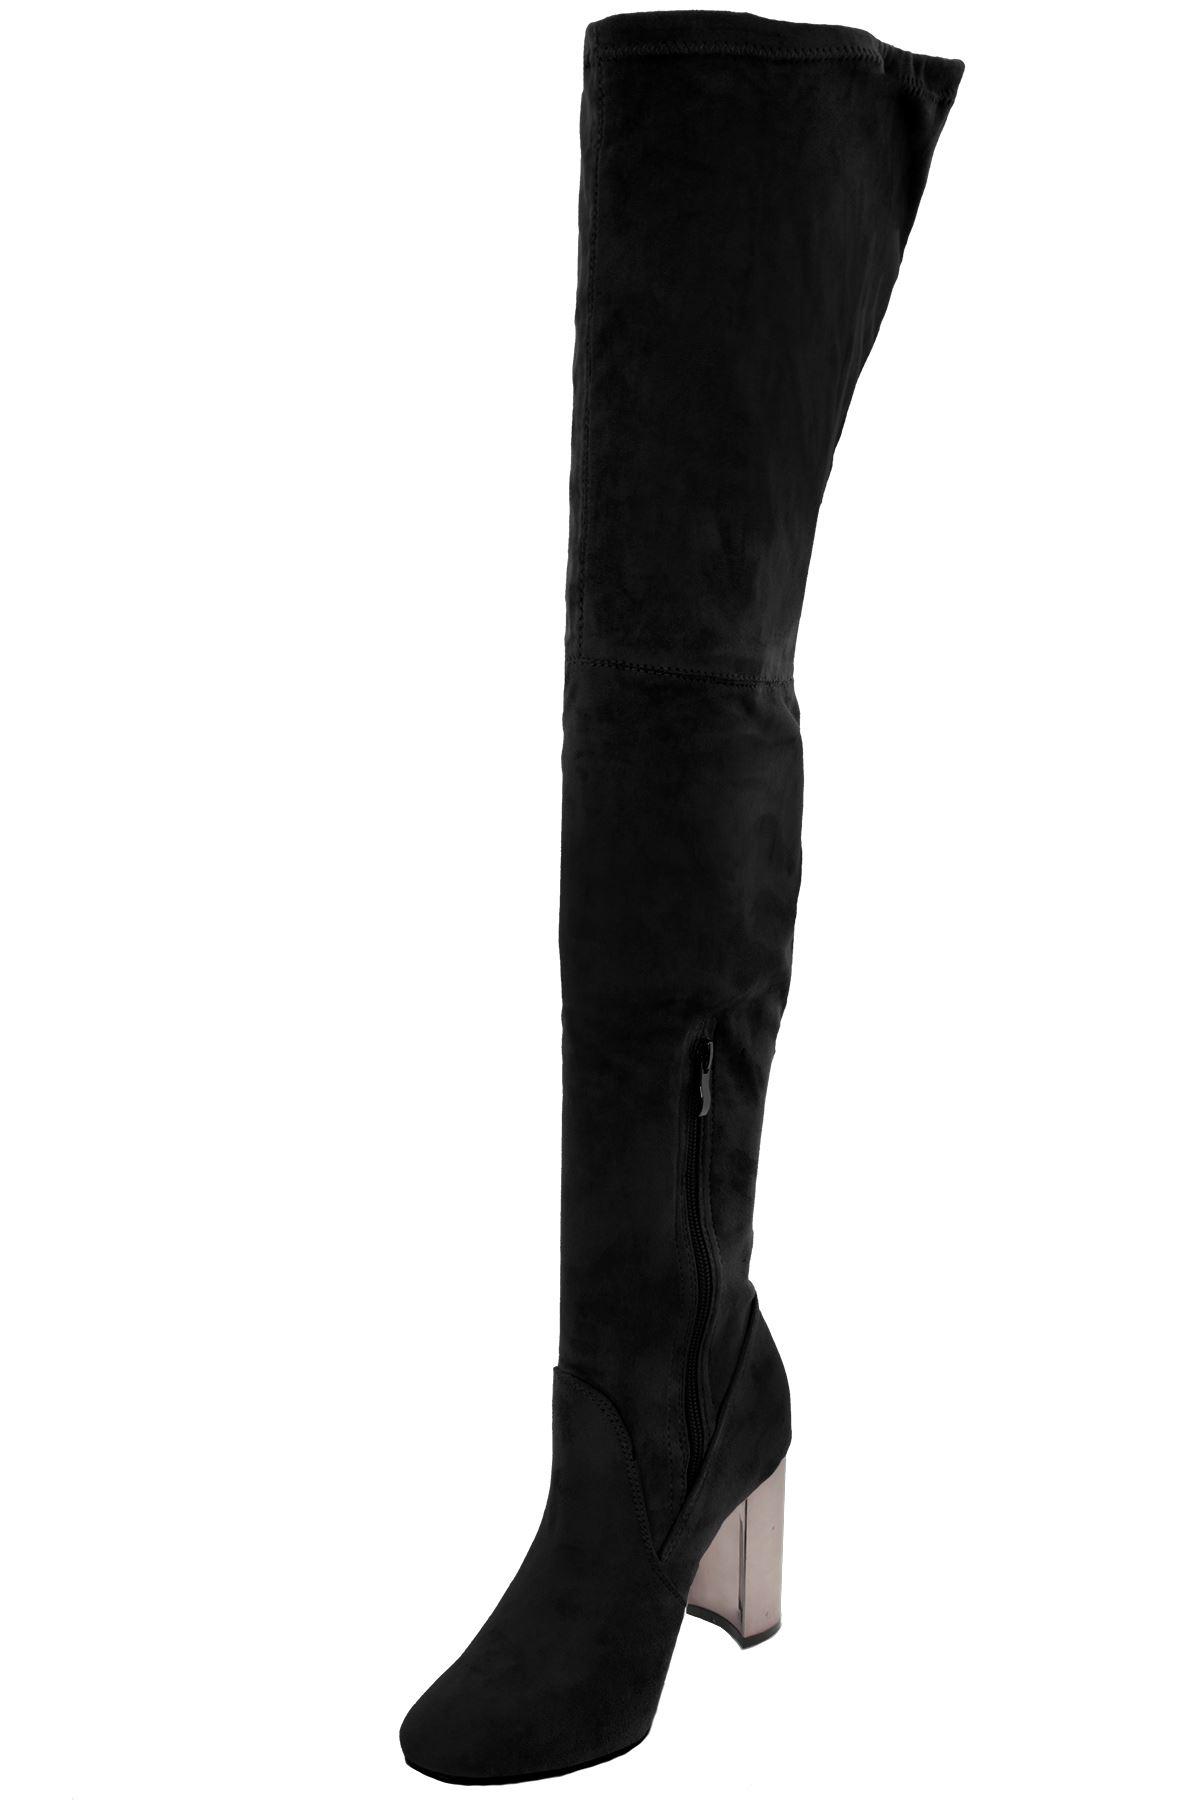 Bas jarretière Mesdames au dessus du genou suédé cuir suédé genou talon bloc 6b781f